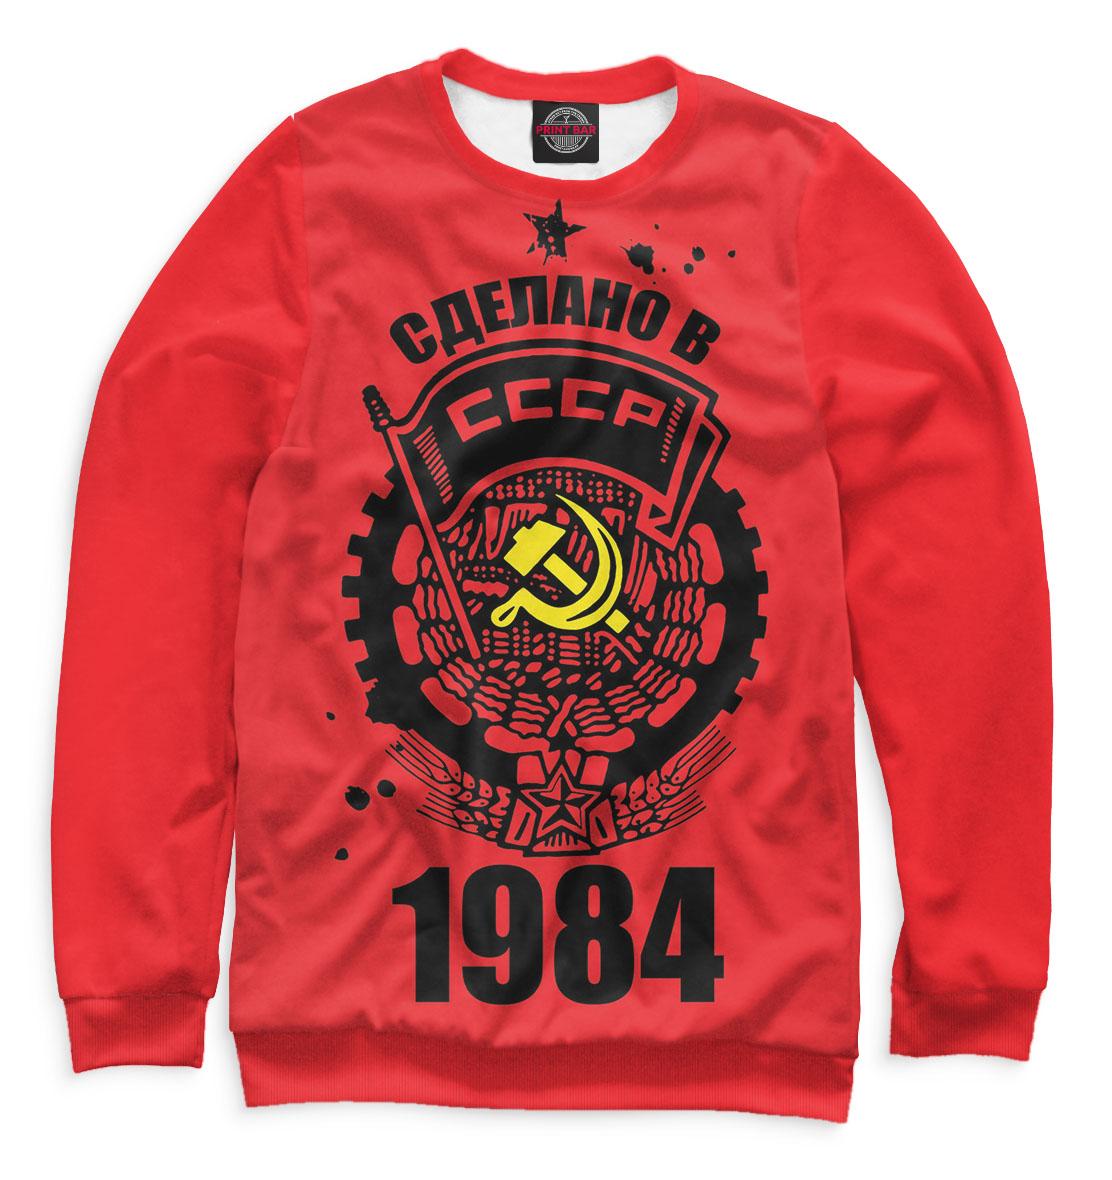 Купить Сделано в СССР — 1984, Printbar, Свитшоты, DVC-855458-swi-2